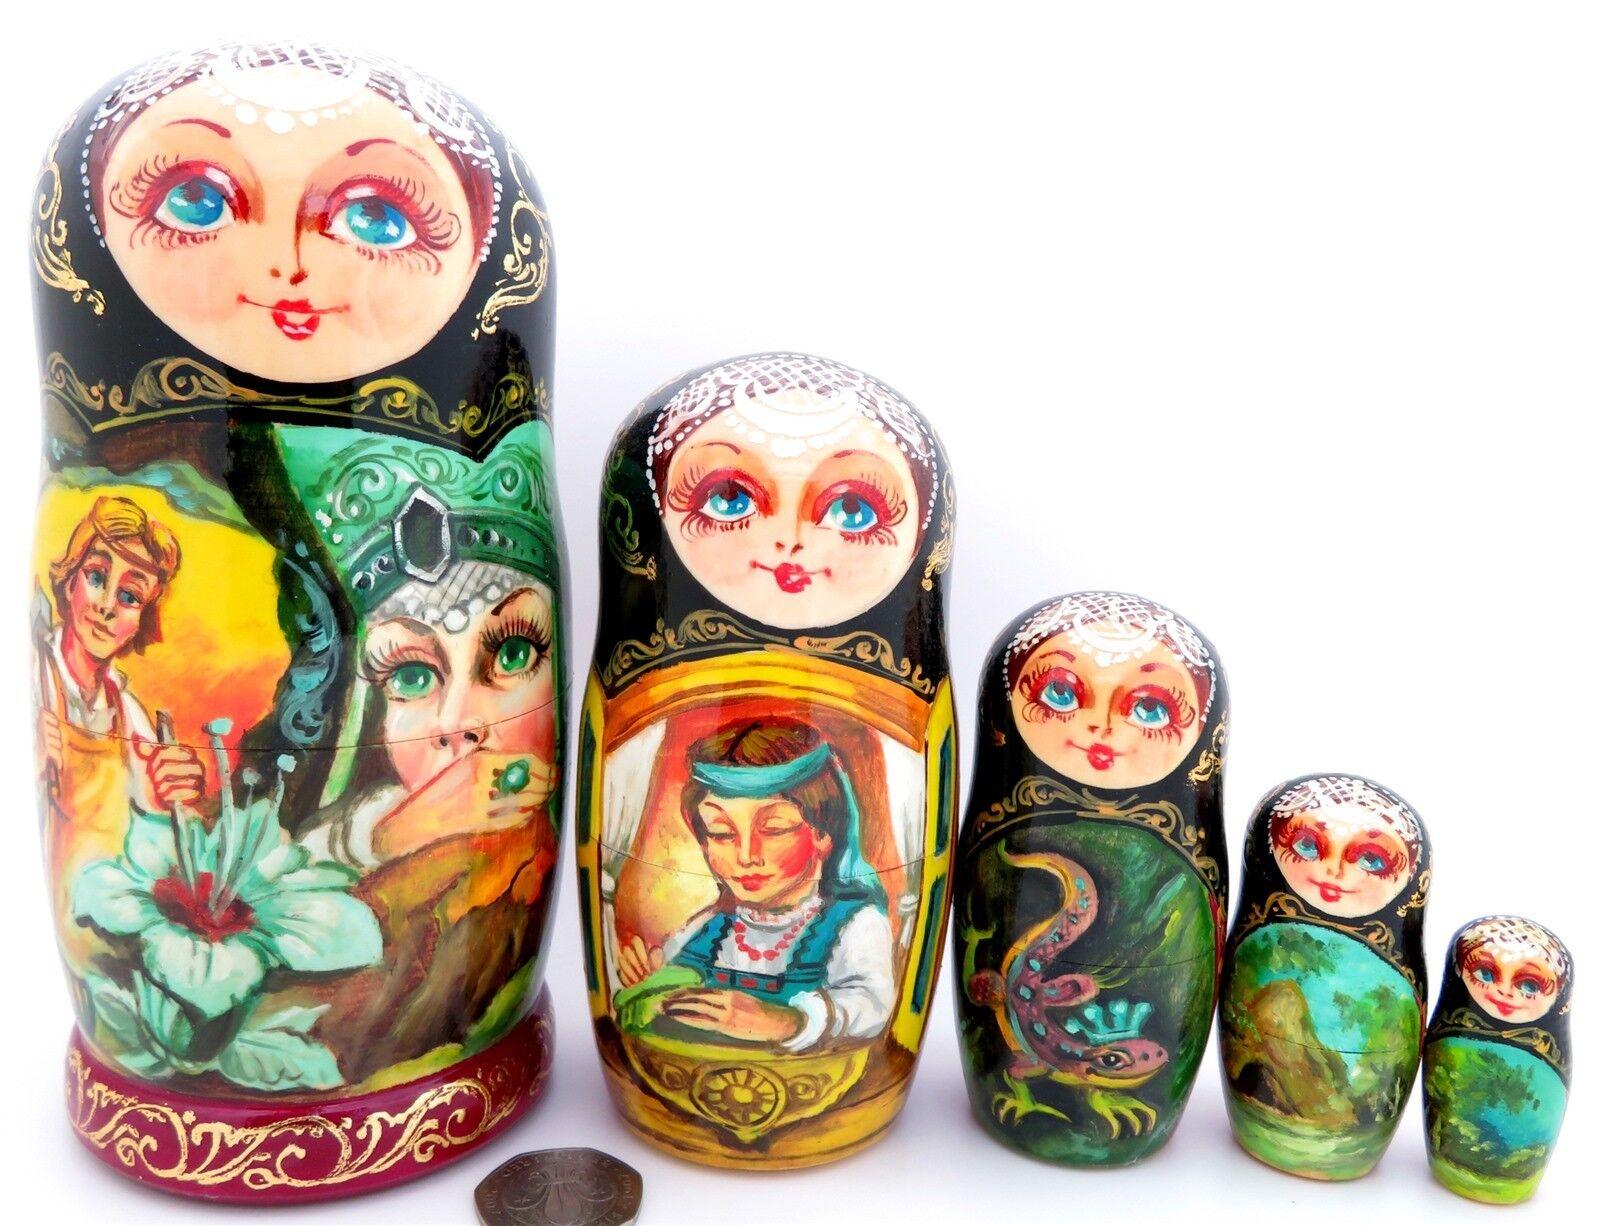 Fiore di pietra MATRIOSCA amante di rame montagna russa 5 bambole di nidificazione Regalo